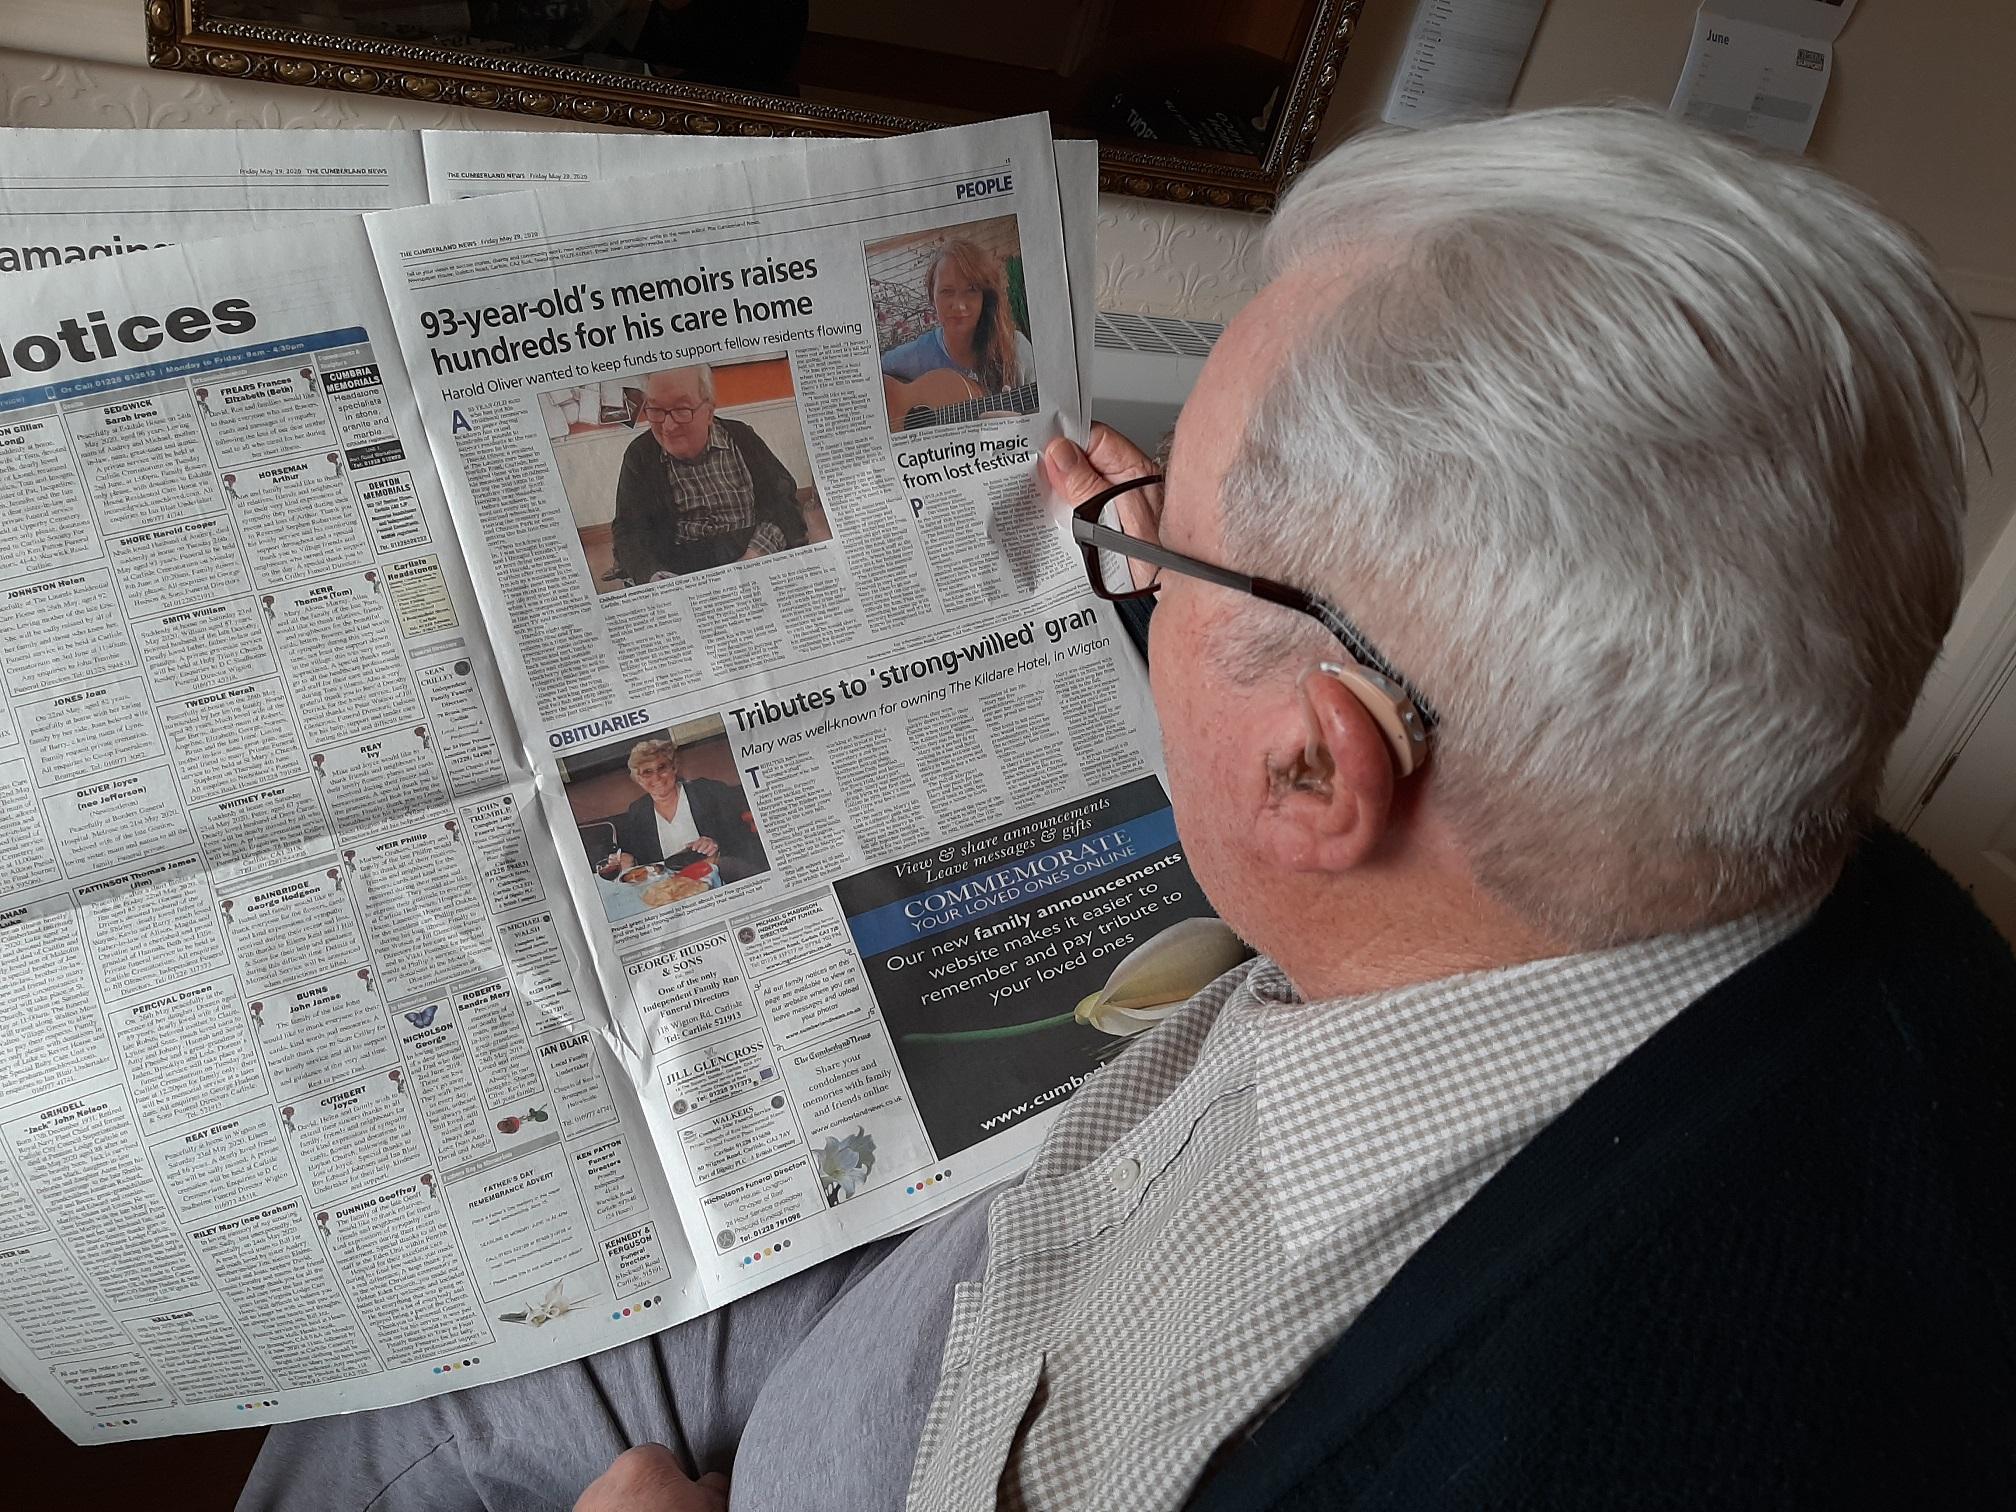 Harold's charity memoir tops £1,000